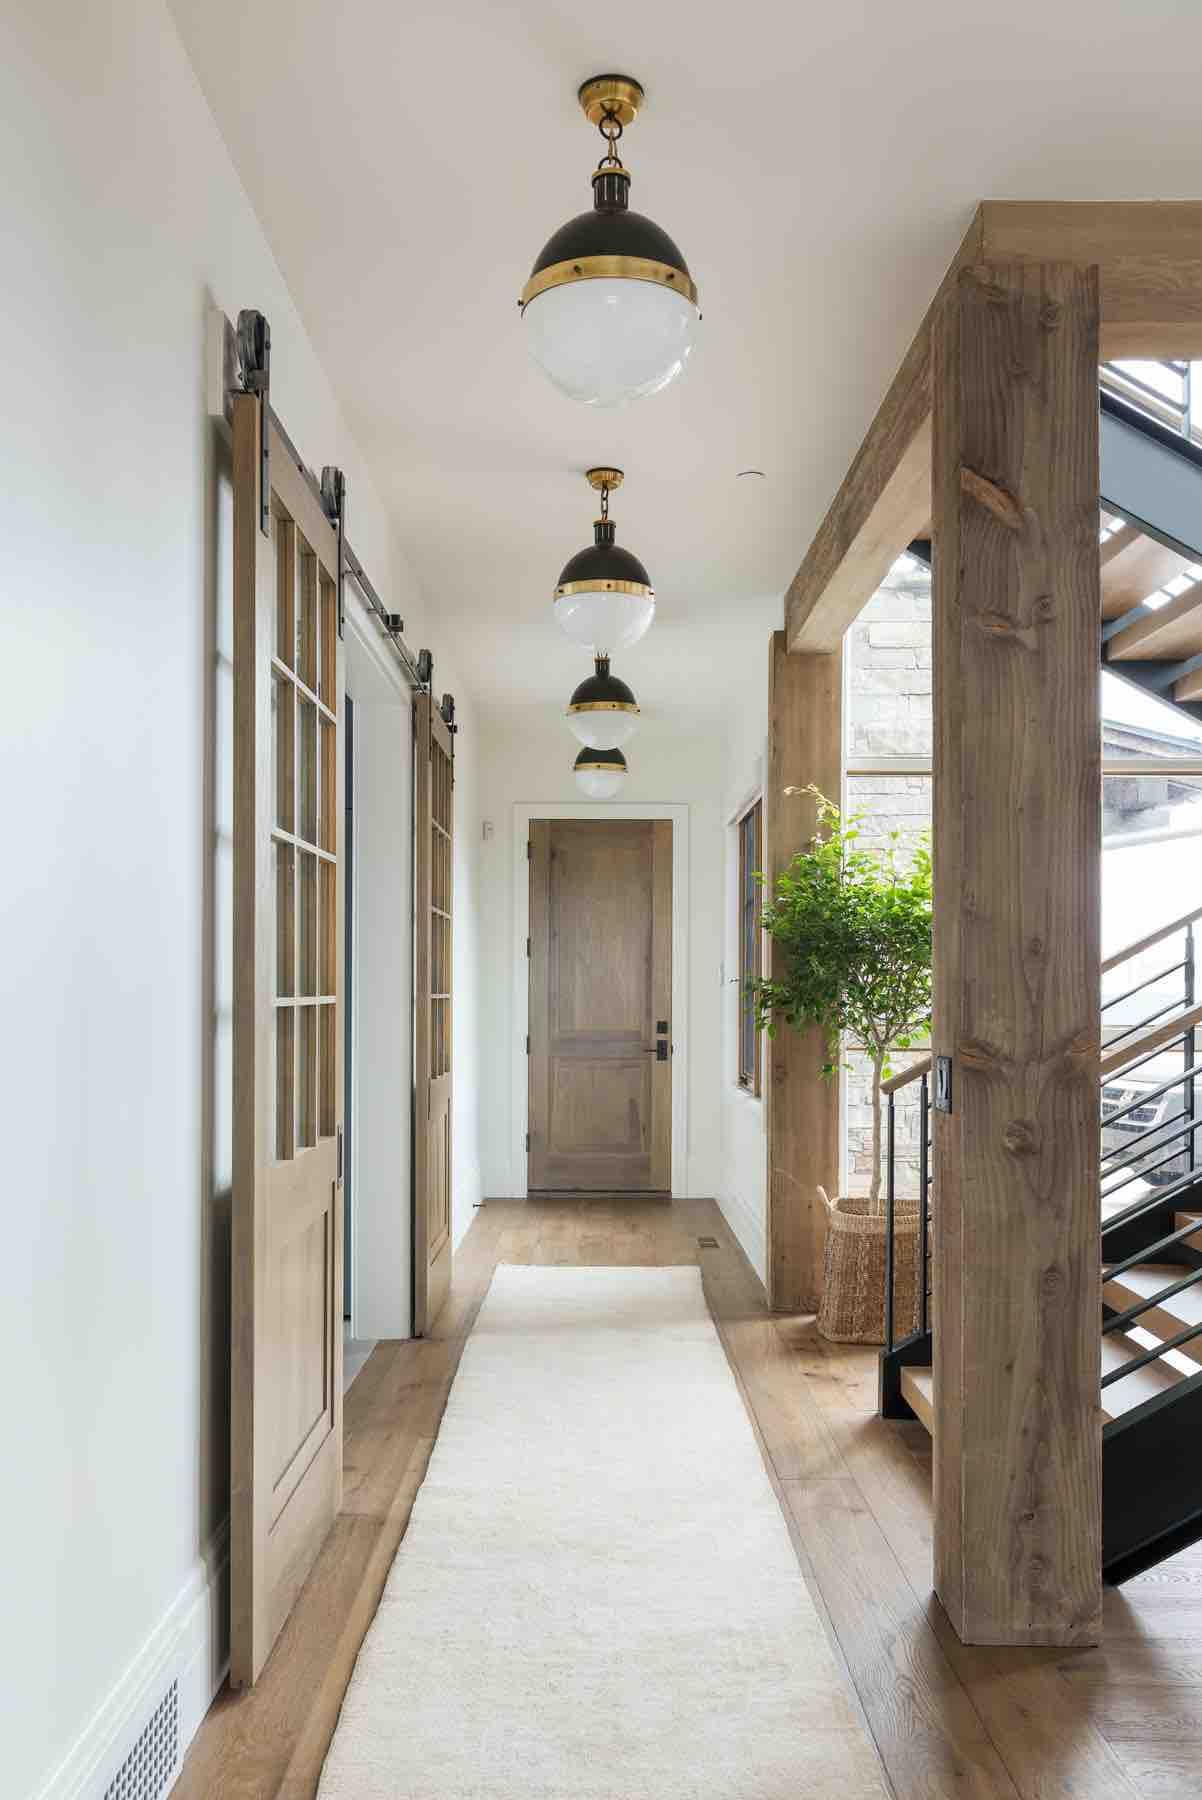 Benjamin Moore White Dove - Studio McGee Hallway